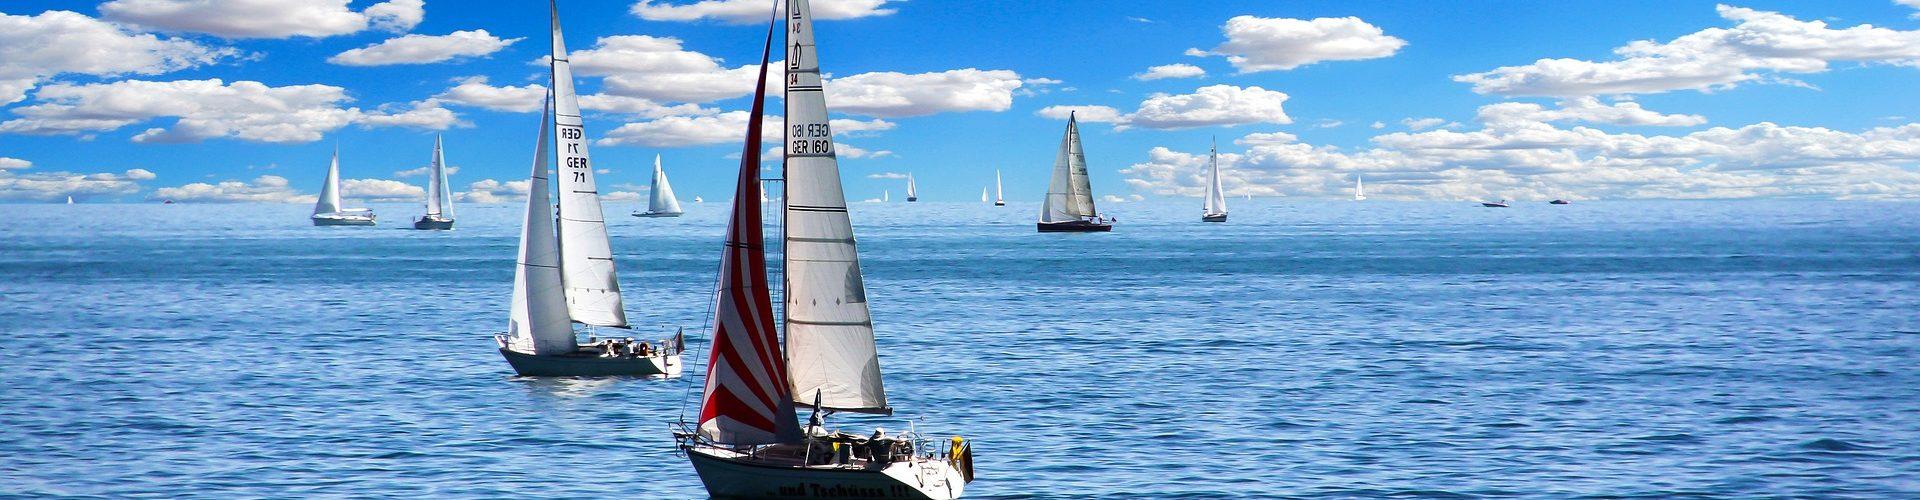 segeln lernen in LauenburgElbe segelschein machen in LauenburgElbe 1920x500 - Segeln lernen in Lauenburg/Elbe